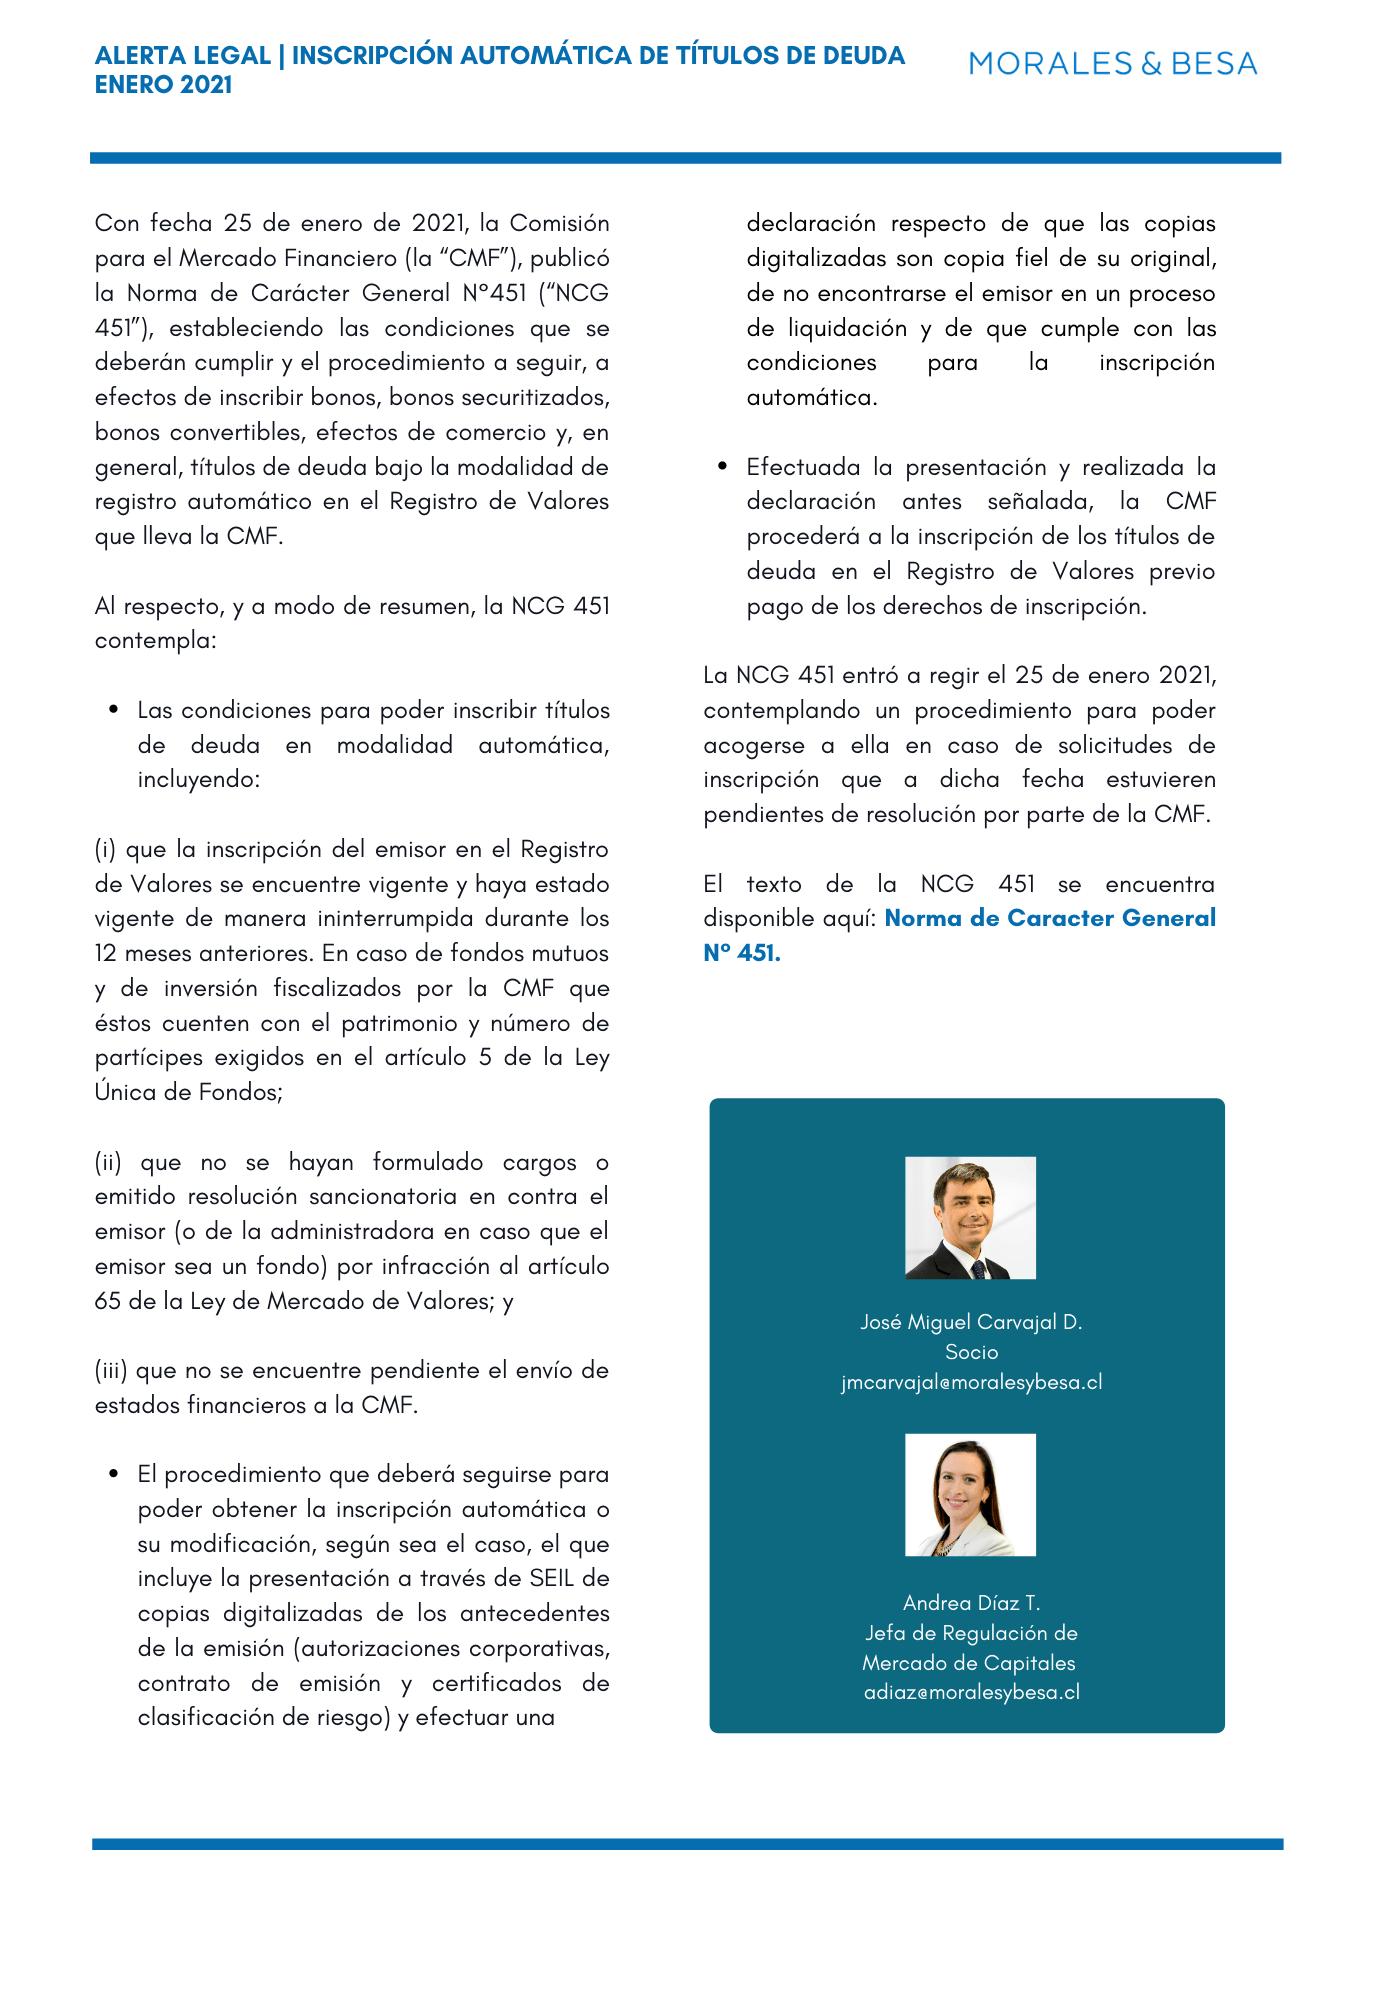 Alerta Legal M&B - Regulación del Mercado de Capitales - Noviembre 2020 (1)